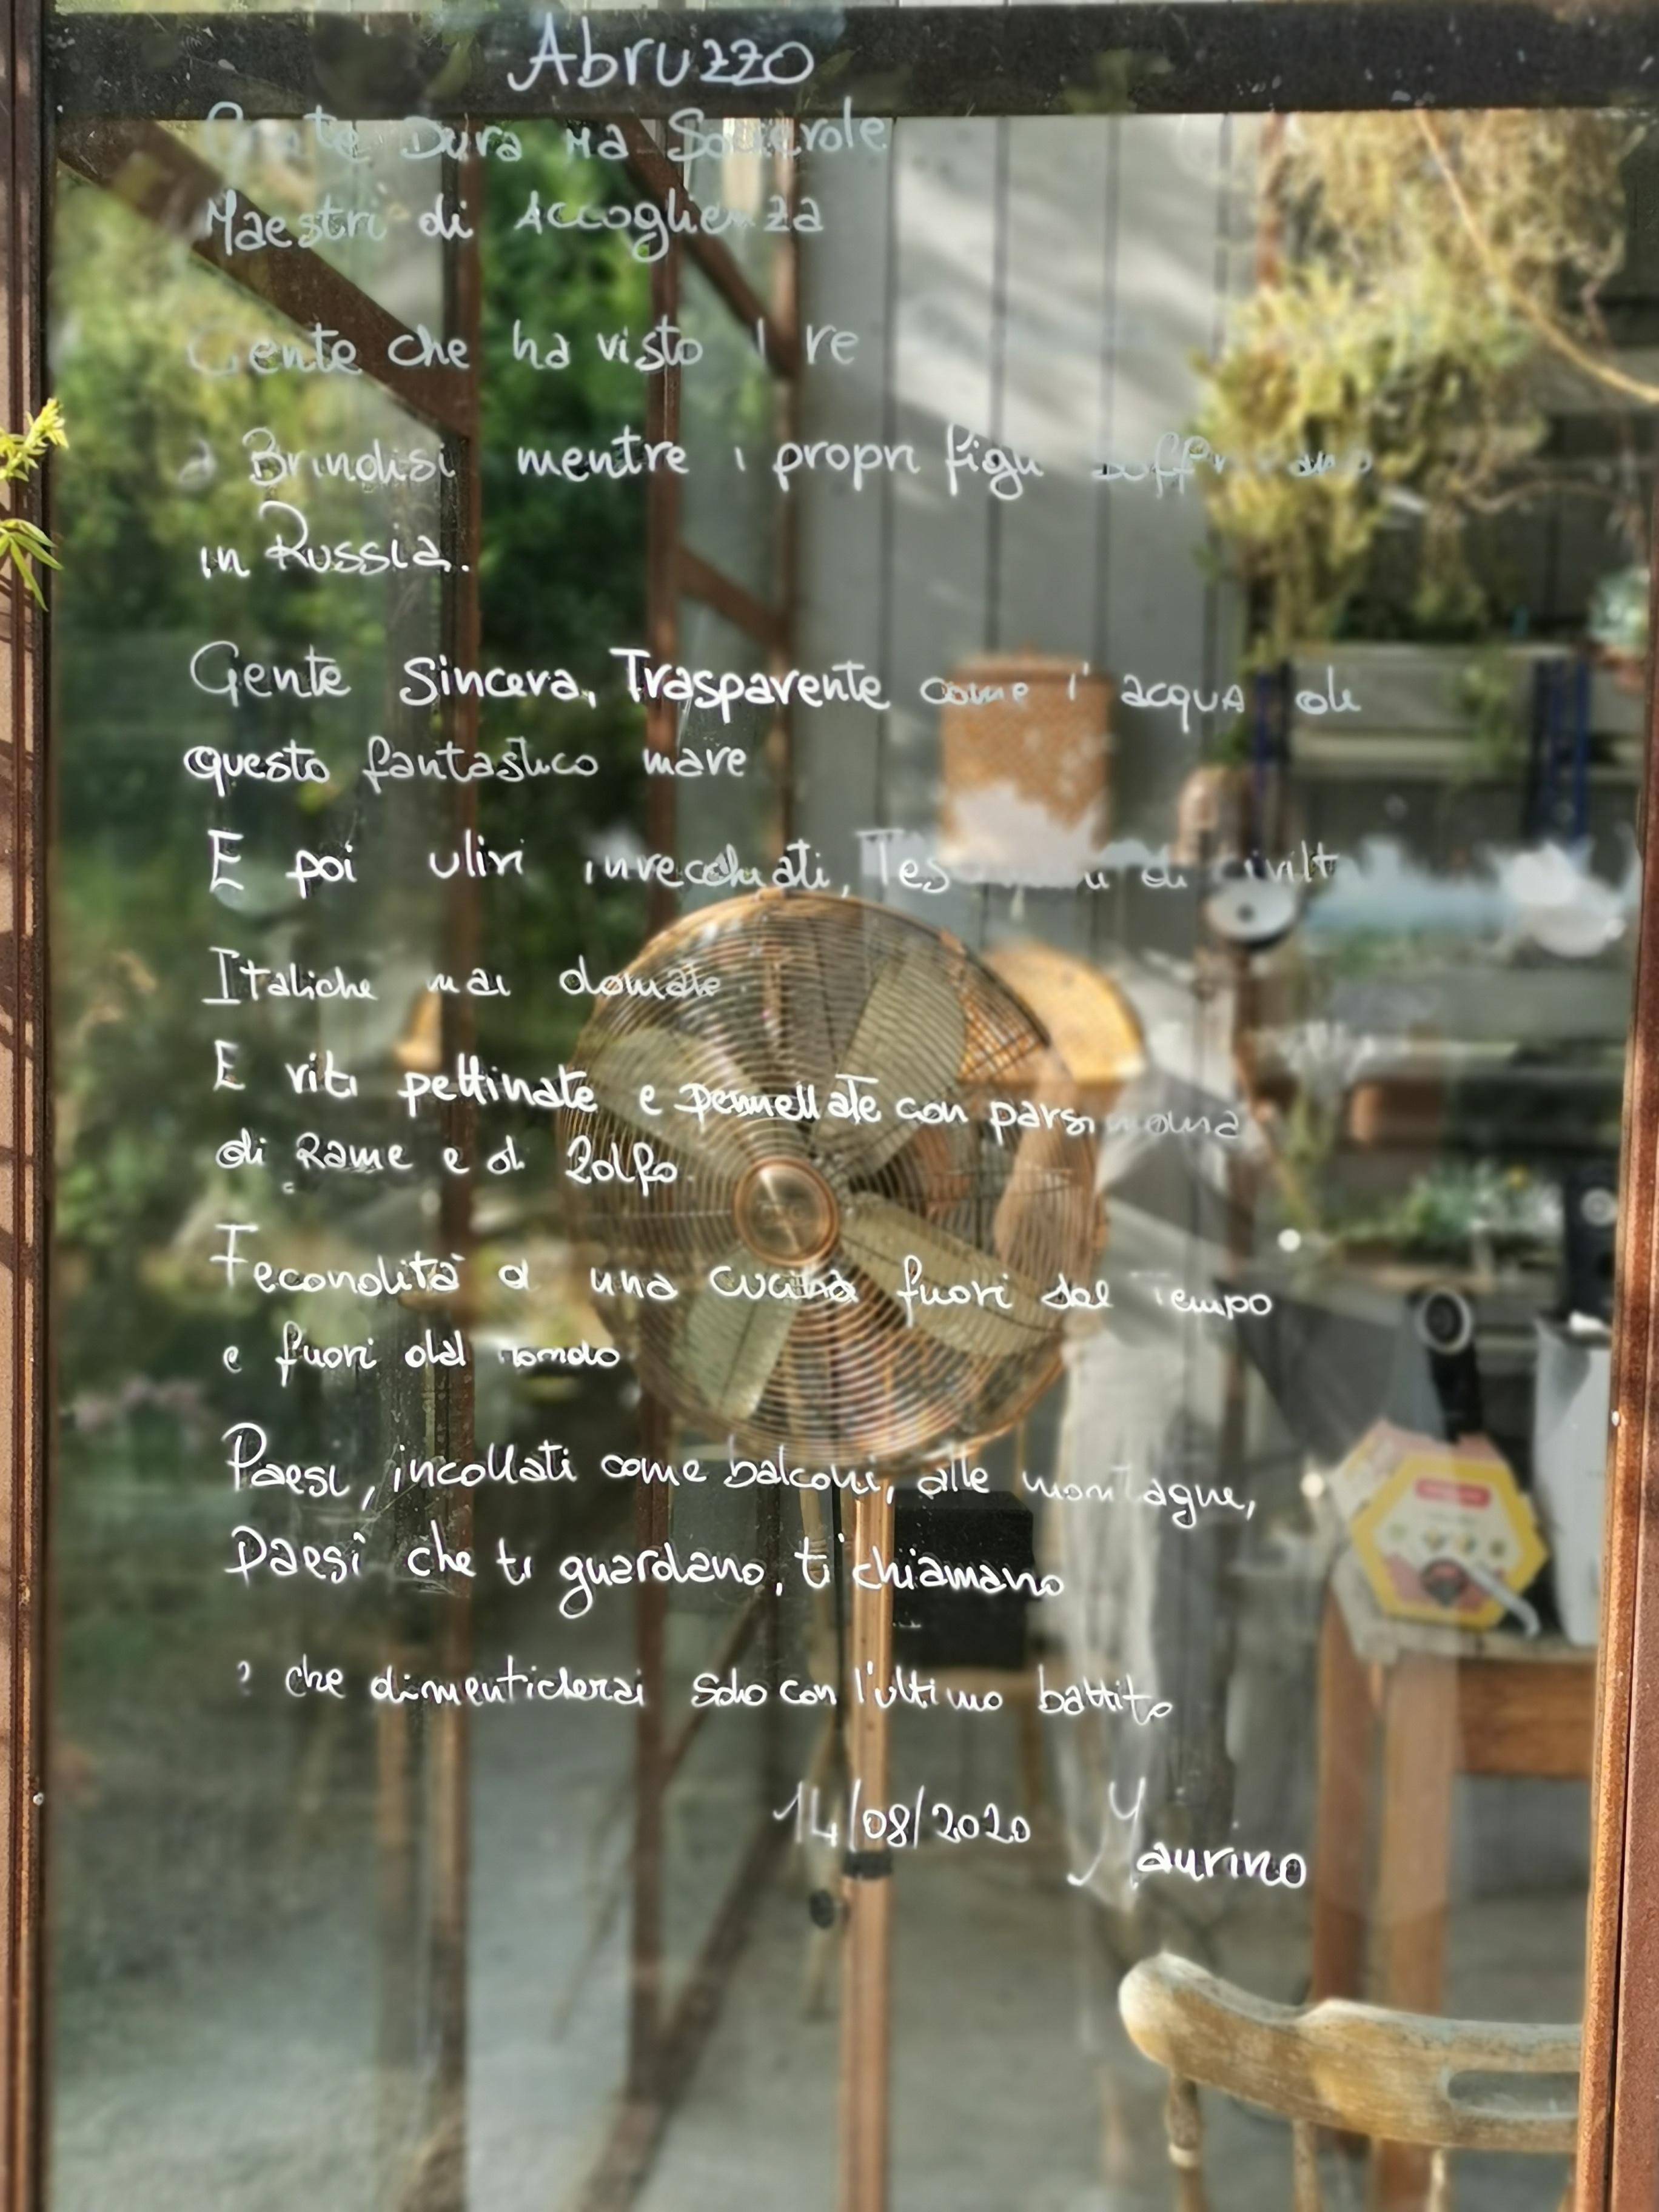 (Italiano) Domenica 11 ottobre a pranzo